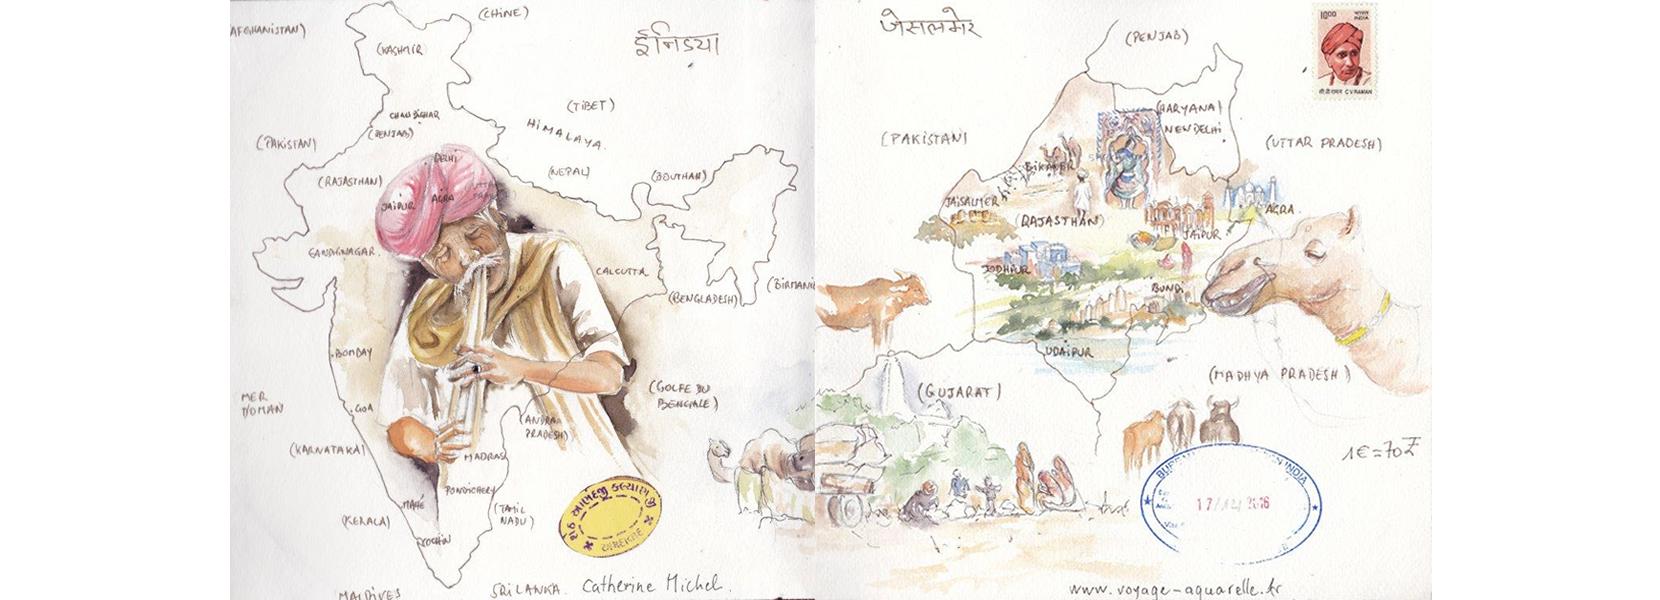 Carnet de voyage en Inde 1